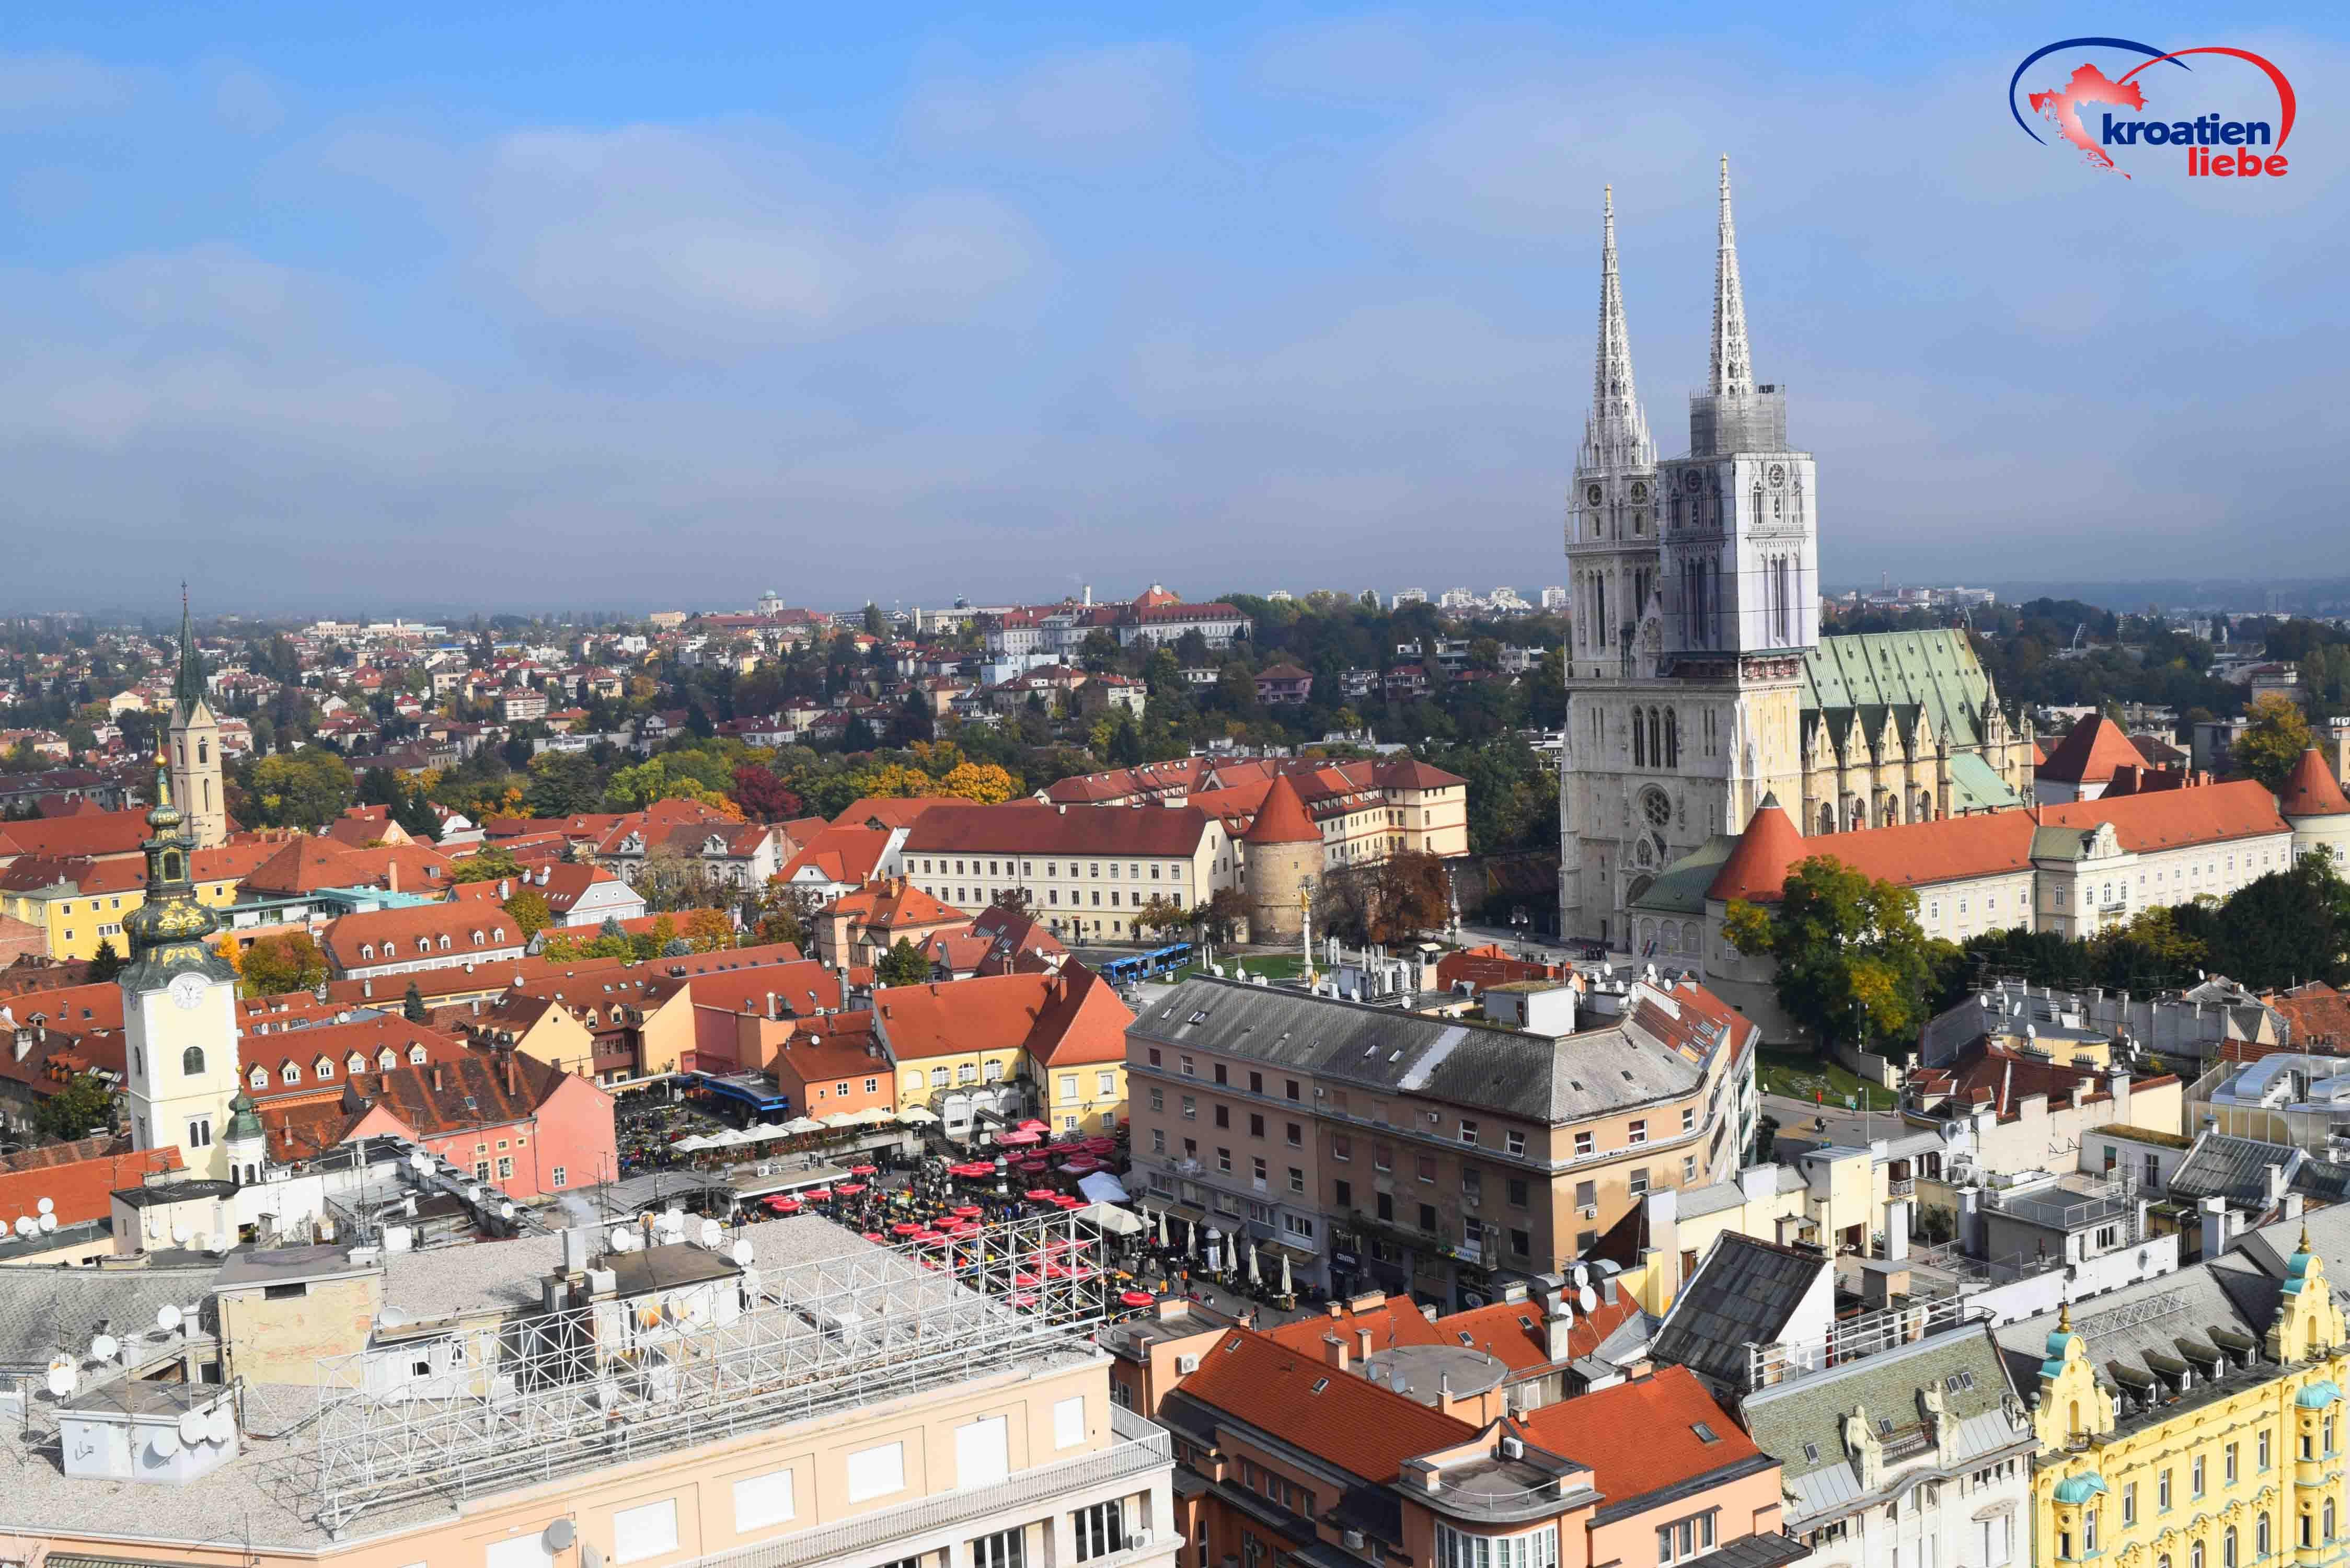 Der Markt Dolac Und Die Kathedrale Von Zagreb Von Oben Aussicht Vom Zagreb Eye Kroatien Urlaub Urlaub Buchen Zagreb